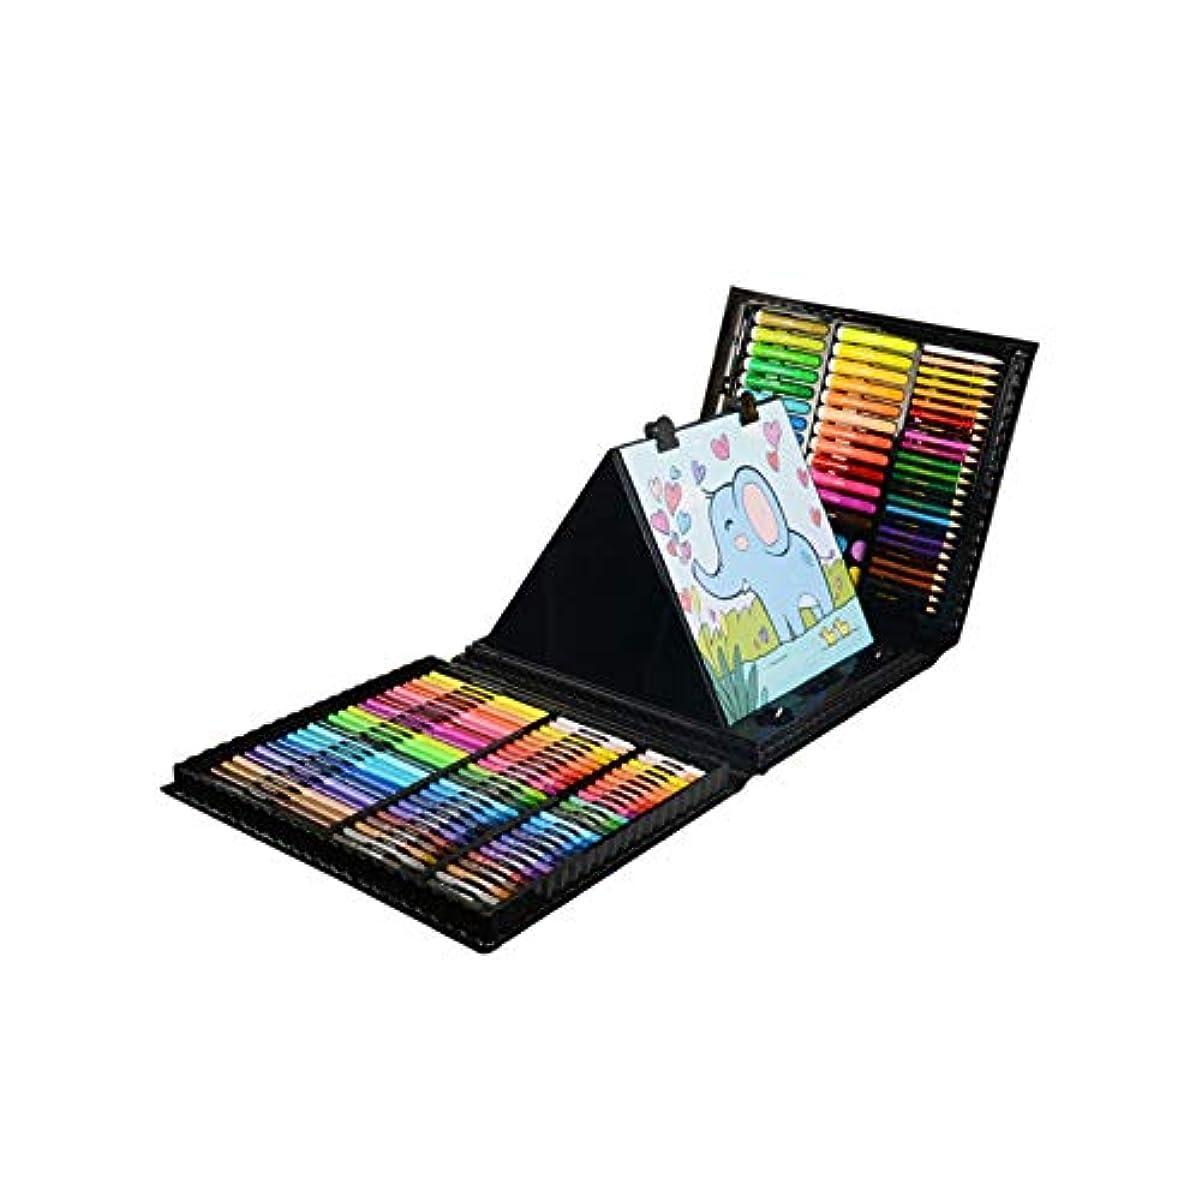 甘やかす意図オーケストラKaiyitong001 塗装ブラシ、24色139子供用塗装セット、均一色プラスチック包装塗装セット(黒/ピンク、37 * 31 * 6 cm) 豊かな線を描く (Color : Black, Size : 37*31*6cm)